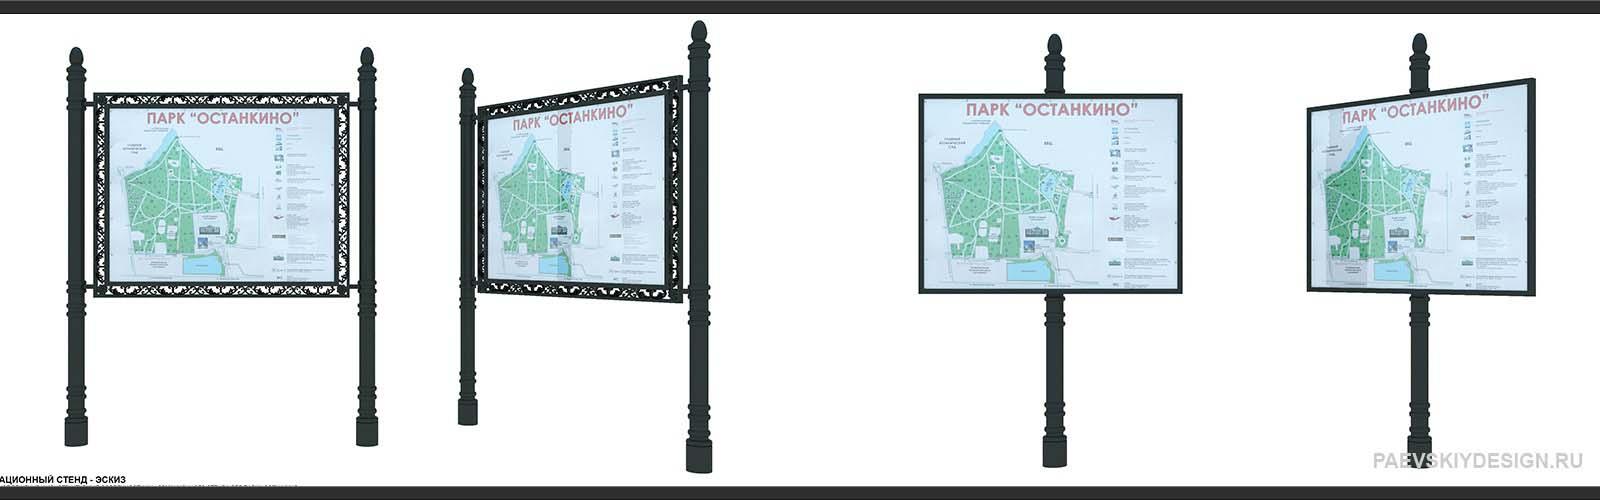 информационные стенды, щиты для благоустройства парков, скверов, территорий